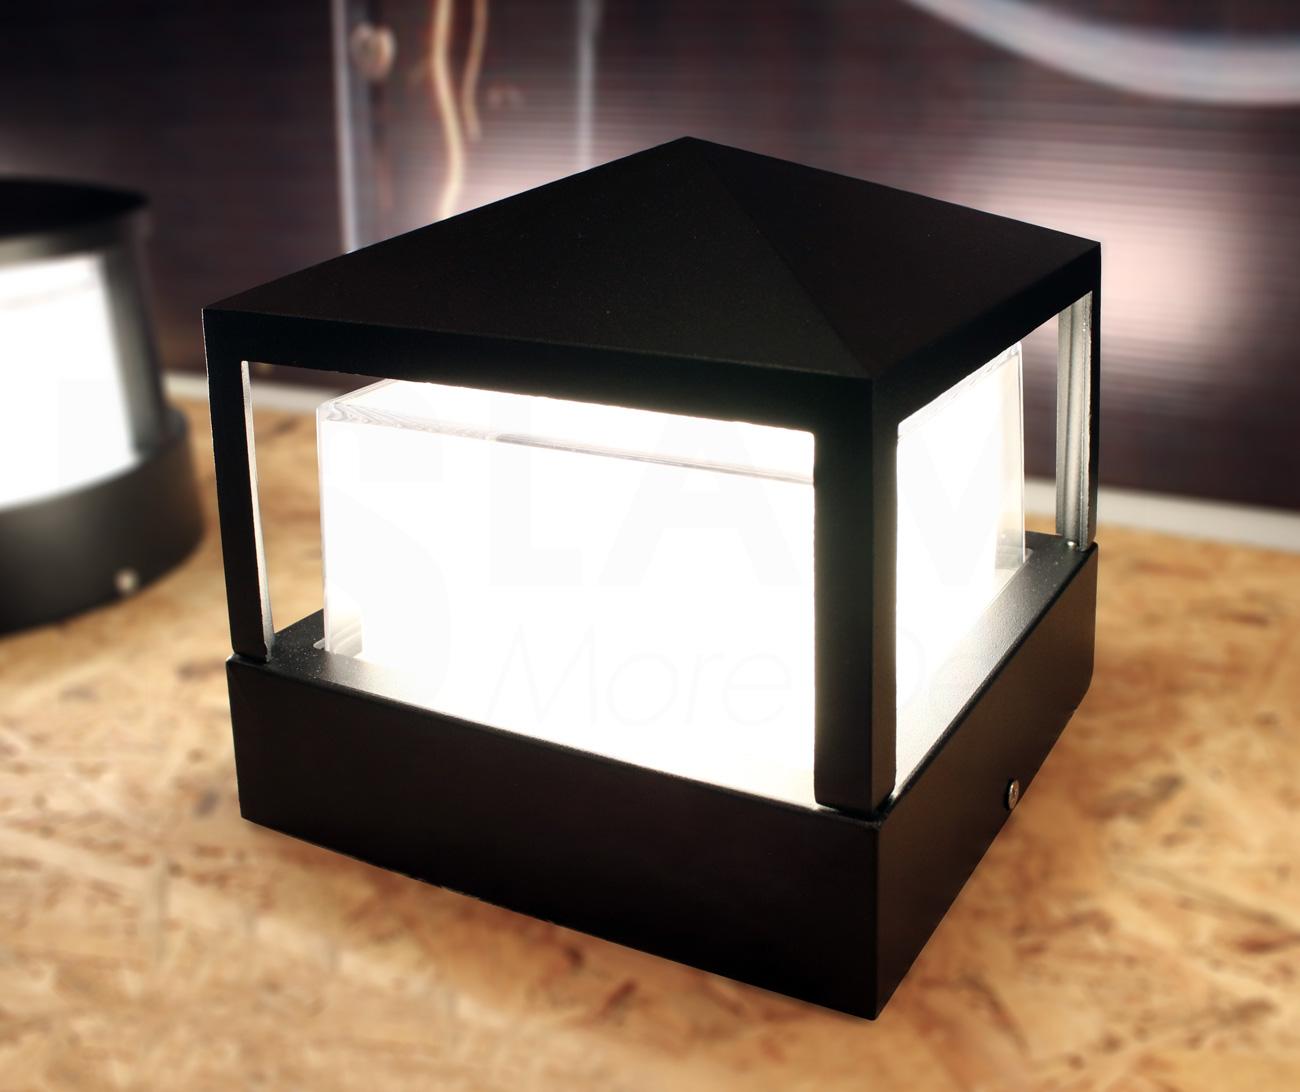 โคมไฟหัวเสา-โมเดิร์น-โคมไฟหัวเสา-โคมผนัง-โคมไฟภายนอก-โคมไฟ-outdoor-SQ-TOWER-B